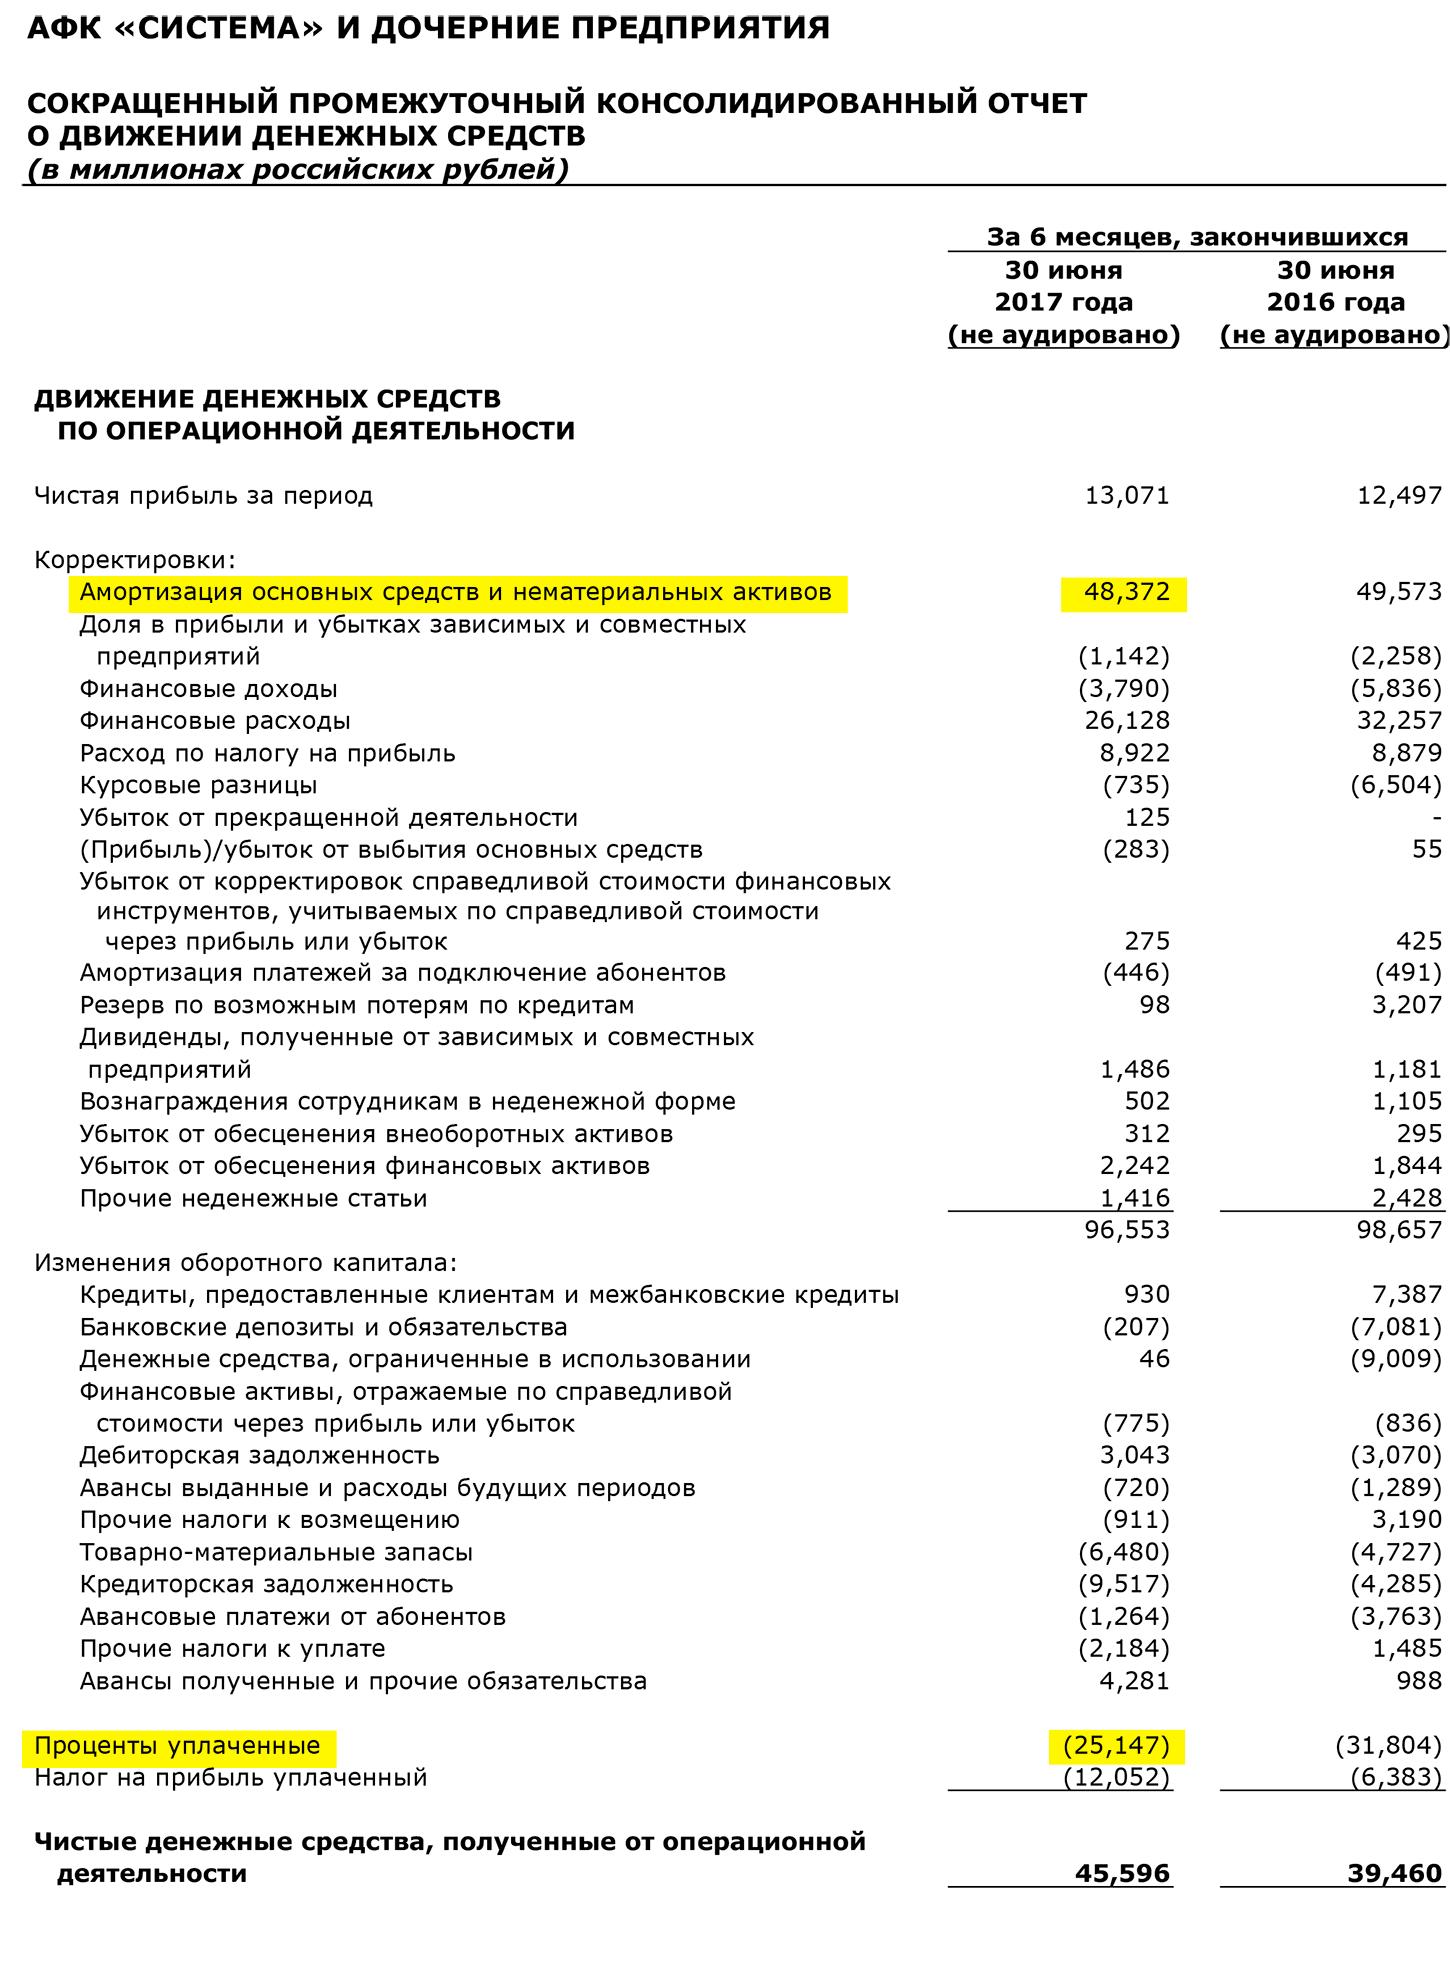 Страница 9 отчета АФК «Система» по МСФО